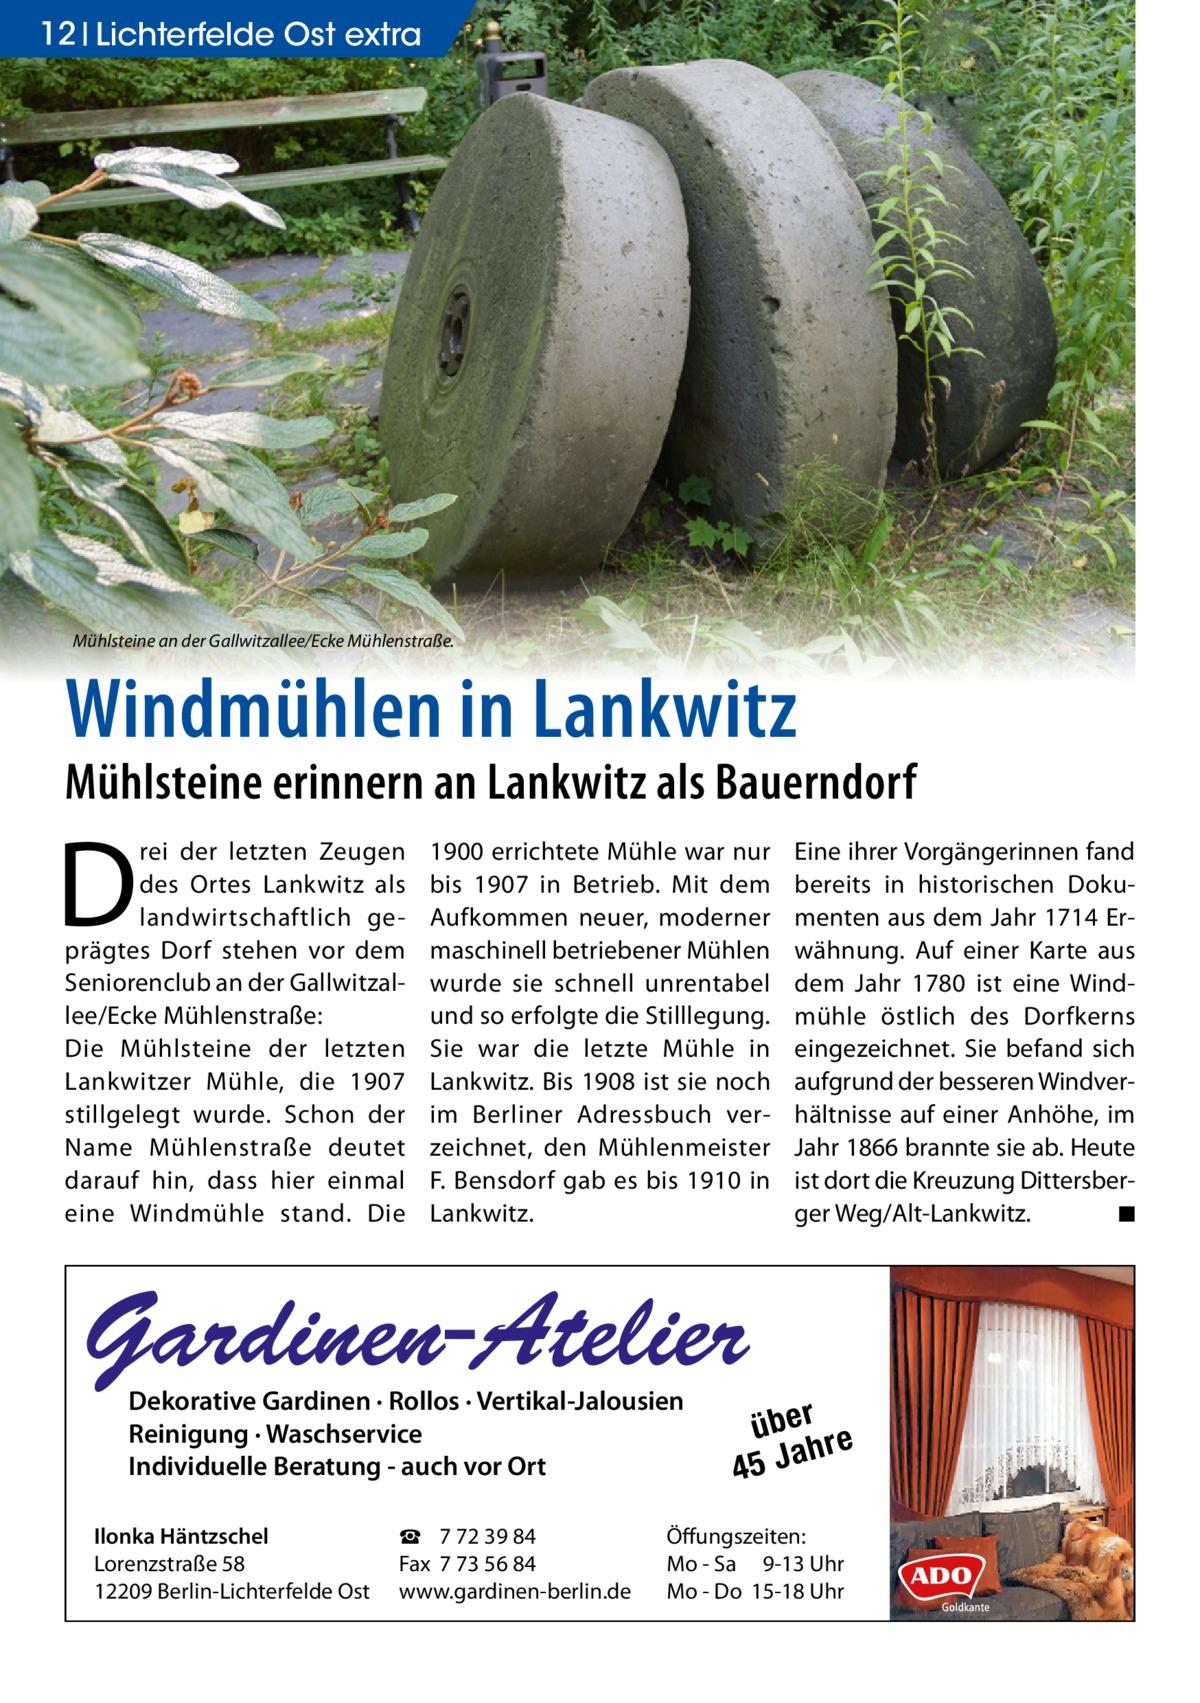 12 Lichterfelde Ost extra  Mühlsteine an der Gallwitzallee/Ecke Mühlenstraße.  Windmühlen in Lankwitz  Mühlsteine erinnern an Lankwitz als Bauerndorf  D  rei der letzten Zeugen des Ortes Lankwitz als landwirtschaftlich geprägtes Dorf stehen vor dem Seniorenclub an der Gallwitzallee/Ecke Mühlenstraße: Die Mühlsteine der letzten Lankwitzer Mühle, die 1907 stillgelegt wurde. Schon der Name Mühlenstraße deutet darauf hin, dass hier einmal eine Windmühle stand. Die  1900 errichtete Mühle war nur bis 1907 in Betrieb. Mit dem Aufkommen neuer, moderner maschinell betriebener Mühlen wurde sie schnell unrentabel und so erfolgte die Stilllegung. Sie war die letzte Mühle in Lankwitz. Bis 1908 ist sie noch im Berliner Adressbuch verzeichnet, den Mühlenmeister F. Bensdorf gab es bis 1910 in Lankwitz.  Eine ihrer Vorgängerinnen fand bereits in historischen Dokumenten aus dem Jahr 1714 Erwähnung. Auf einer Karte aus dem Jahr 1780 ist eine Windmühle östlich des Dorfkerns eingezeichnet. Sie befand sich aufgrund der besseren Windverhältnisse auf einer Anhöhe, im Jahr 1866 brannte sie ab. Heute ist dort die Kreuzung Dittersberger Weg/Alt-Lankwitz. ◾  Gardinen-Atelier Dekorative Gardinen · Rollos · Vertikal-Jalousien Reinigung · Waschservice Individuelle Beratung - auch vor Ort  Ilonka Häntzschel Lorenzstraße 58 12209 Berlin-Lichterfelde Ost  ☎ 7 72 39 84 Fax 7 73 56 84 www.gardinen-berlin.de  über re h 45 Ja  Öffungszeiten: Mo - Sa 9-13 Uhr Mo - Do 15-18 Uhr